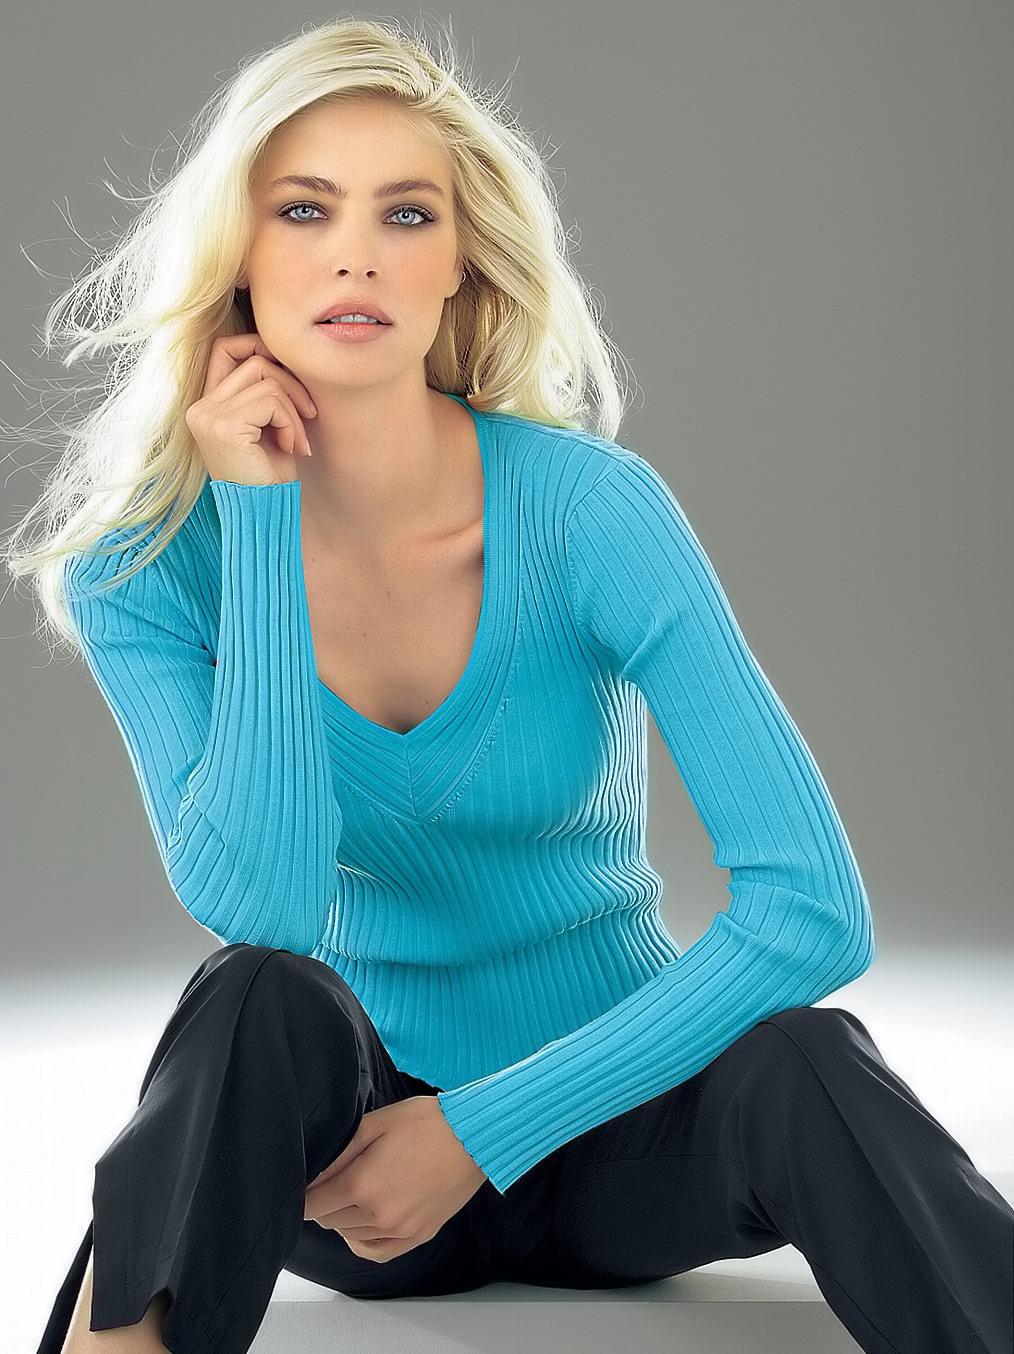 Лиза Сейфферт  / Lisa Seiffert  австралийская модель фото, девушка Playboy